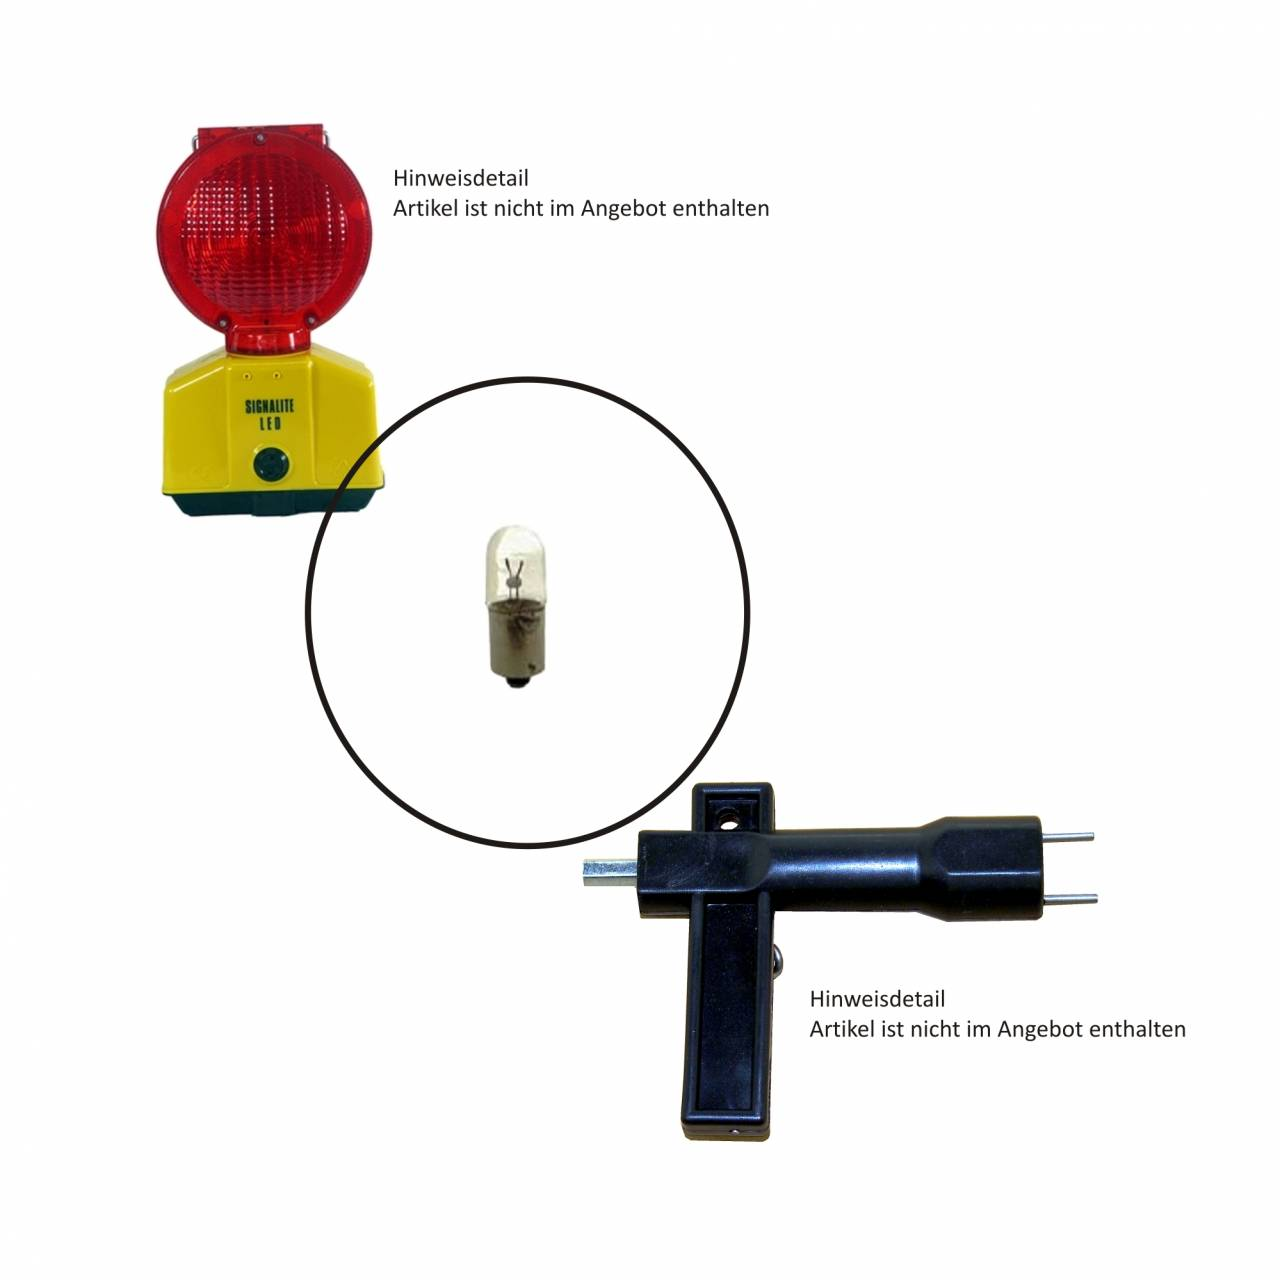 Glühlampe für 'Signalite', 5V / 0,9A